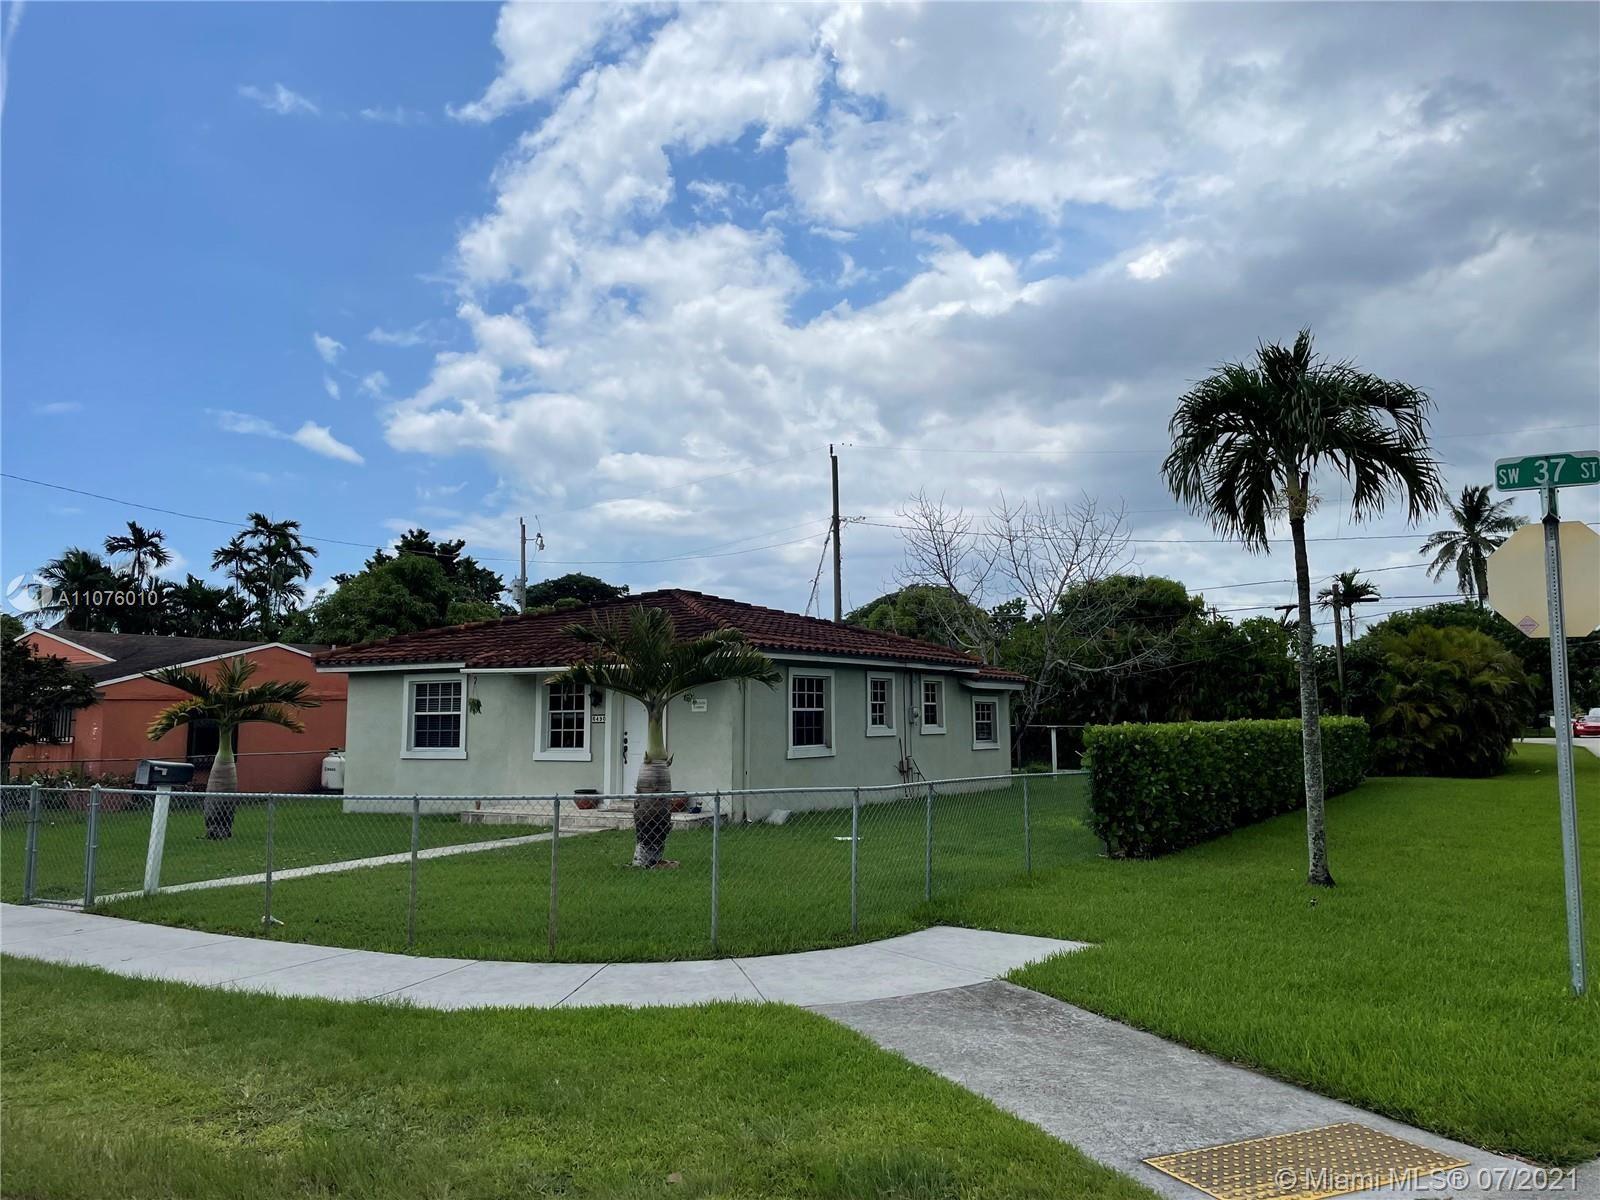 6490 SW 37th St, Miami, FL 33155 - #: A11076010